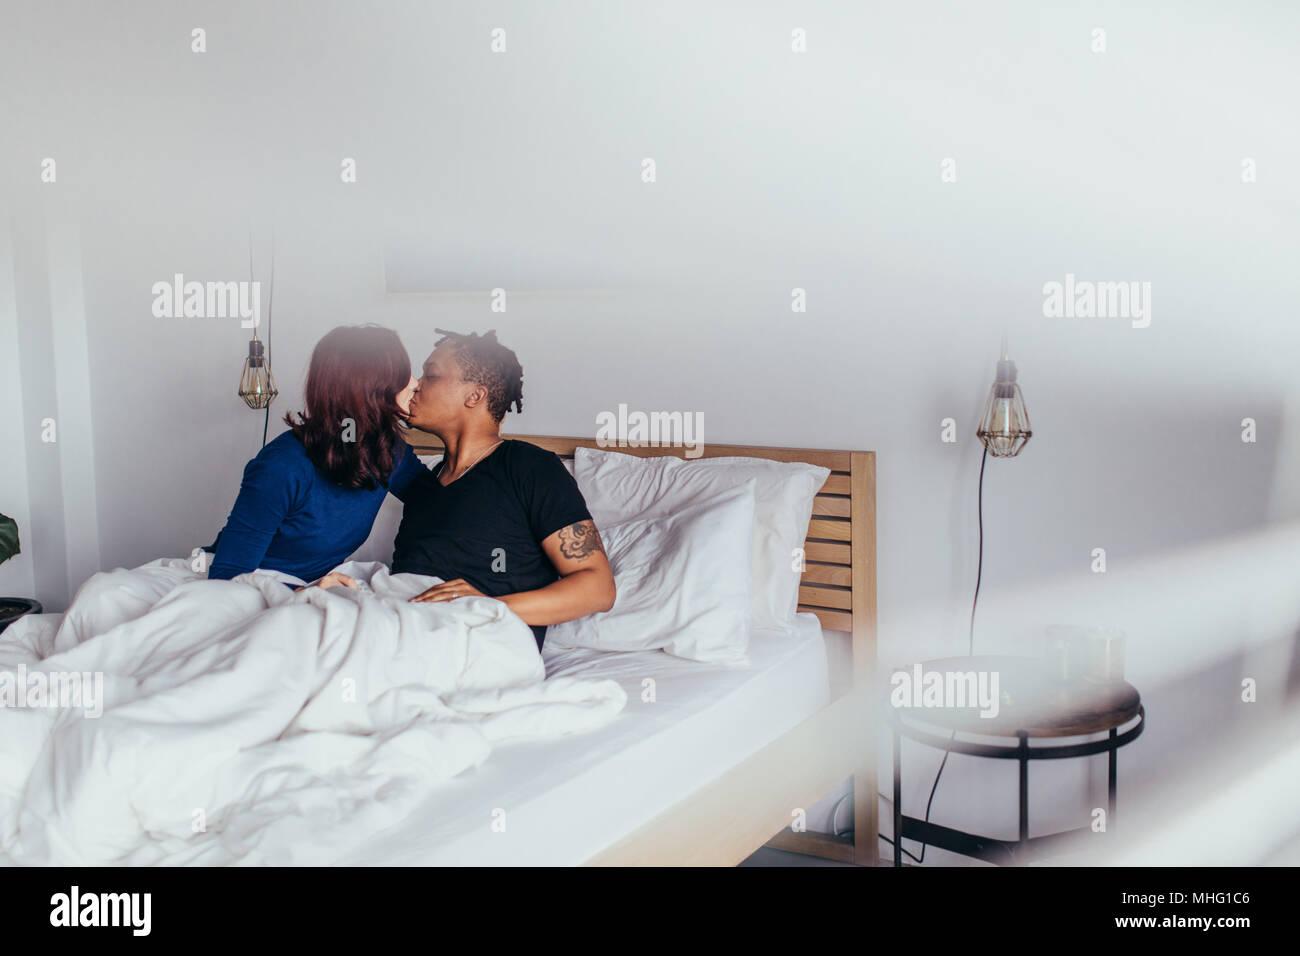 Couple romantique au lit. L'Interracial l'homme et la femme assis sur le lit et s'embrassent. Banque D'Images